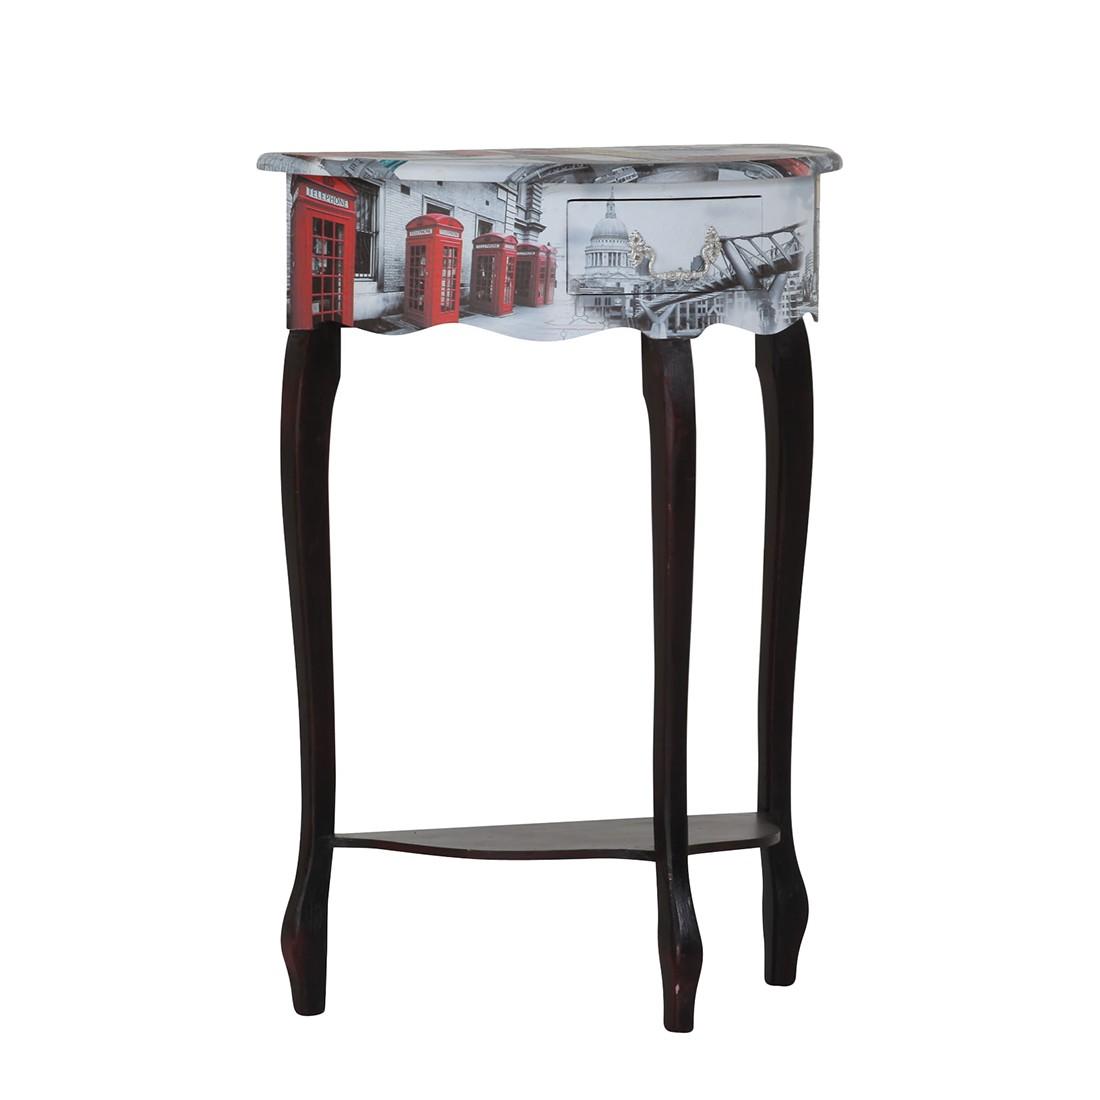 Home 24 - Table basse journey london ii - noir / coloré - verni / imprimé, velvet studio